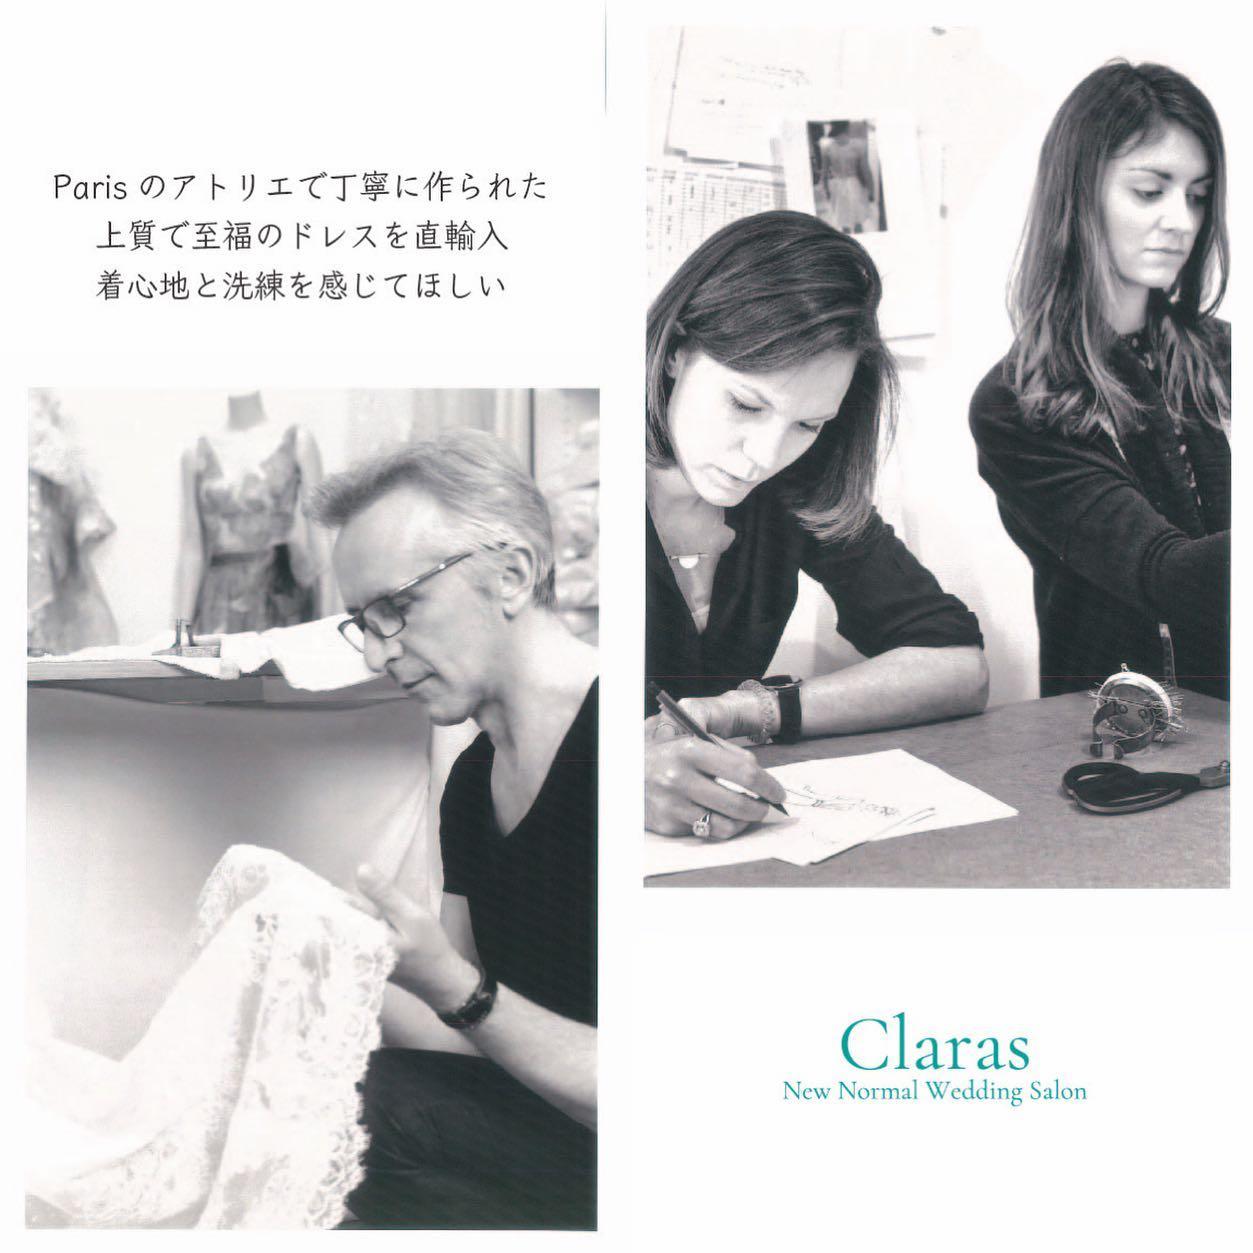 """・Claras OPEN2ヶ月を記念して前回も大変ご好評いただいておりましたモニター企画を""""3組様限定""""で募集します🕊・6月20日までにご来店のお客様限定最大20%OFF・『ドレスってレンタルするものだと思ってた』『自分のサイズに合うドレスってあるの』『会場決まってないとドレス決められないの』などなど、、沢山の疑問にもお答えします今までの常識から新しいドレス選びの常識をClarasから発信していくため、まずは価値を体験して欲しいという想いから今回の企画に至りました・これから結婚準備を開始する方🕊結婚は決まっているけど色々お悩みの方🕊改めて結婚記念日にお写真撮りたい方🕊フォトも撮りたいし落ち着いたらパーティもしたい方🕊など・-応募条件-ClarasのInstagramをフォローSNSでのお写真紹介をご了承いただける方モニターを体験されるお客様自身からの応募・沢山のご応募お待ちしております応募はDMからどうぞDMを頂いた後、いただきたいお客様情報など個別にお伝えさせていただきます・#wedding #weddingdress #claras #ウェディングドレス #プレ花嫁 #ドレス試着#ドレス迷子#2021夏婚 #2021冬婚 #ヘアメイク #結婚式  #ドレス選び #前撮り #後撮り #フォトウェディング #ウェディングヘア  #フォト婚 #ブライダルフォト #カップルフォト #ウェディングドレス探し #ウェディングドレス試着 #レンタルドレス #ドレスショップ #家族婚 #バウリニューアル #記念日婚 #モニター募集 #ドレス迷子 #限定 #プレ花嫁"""